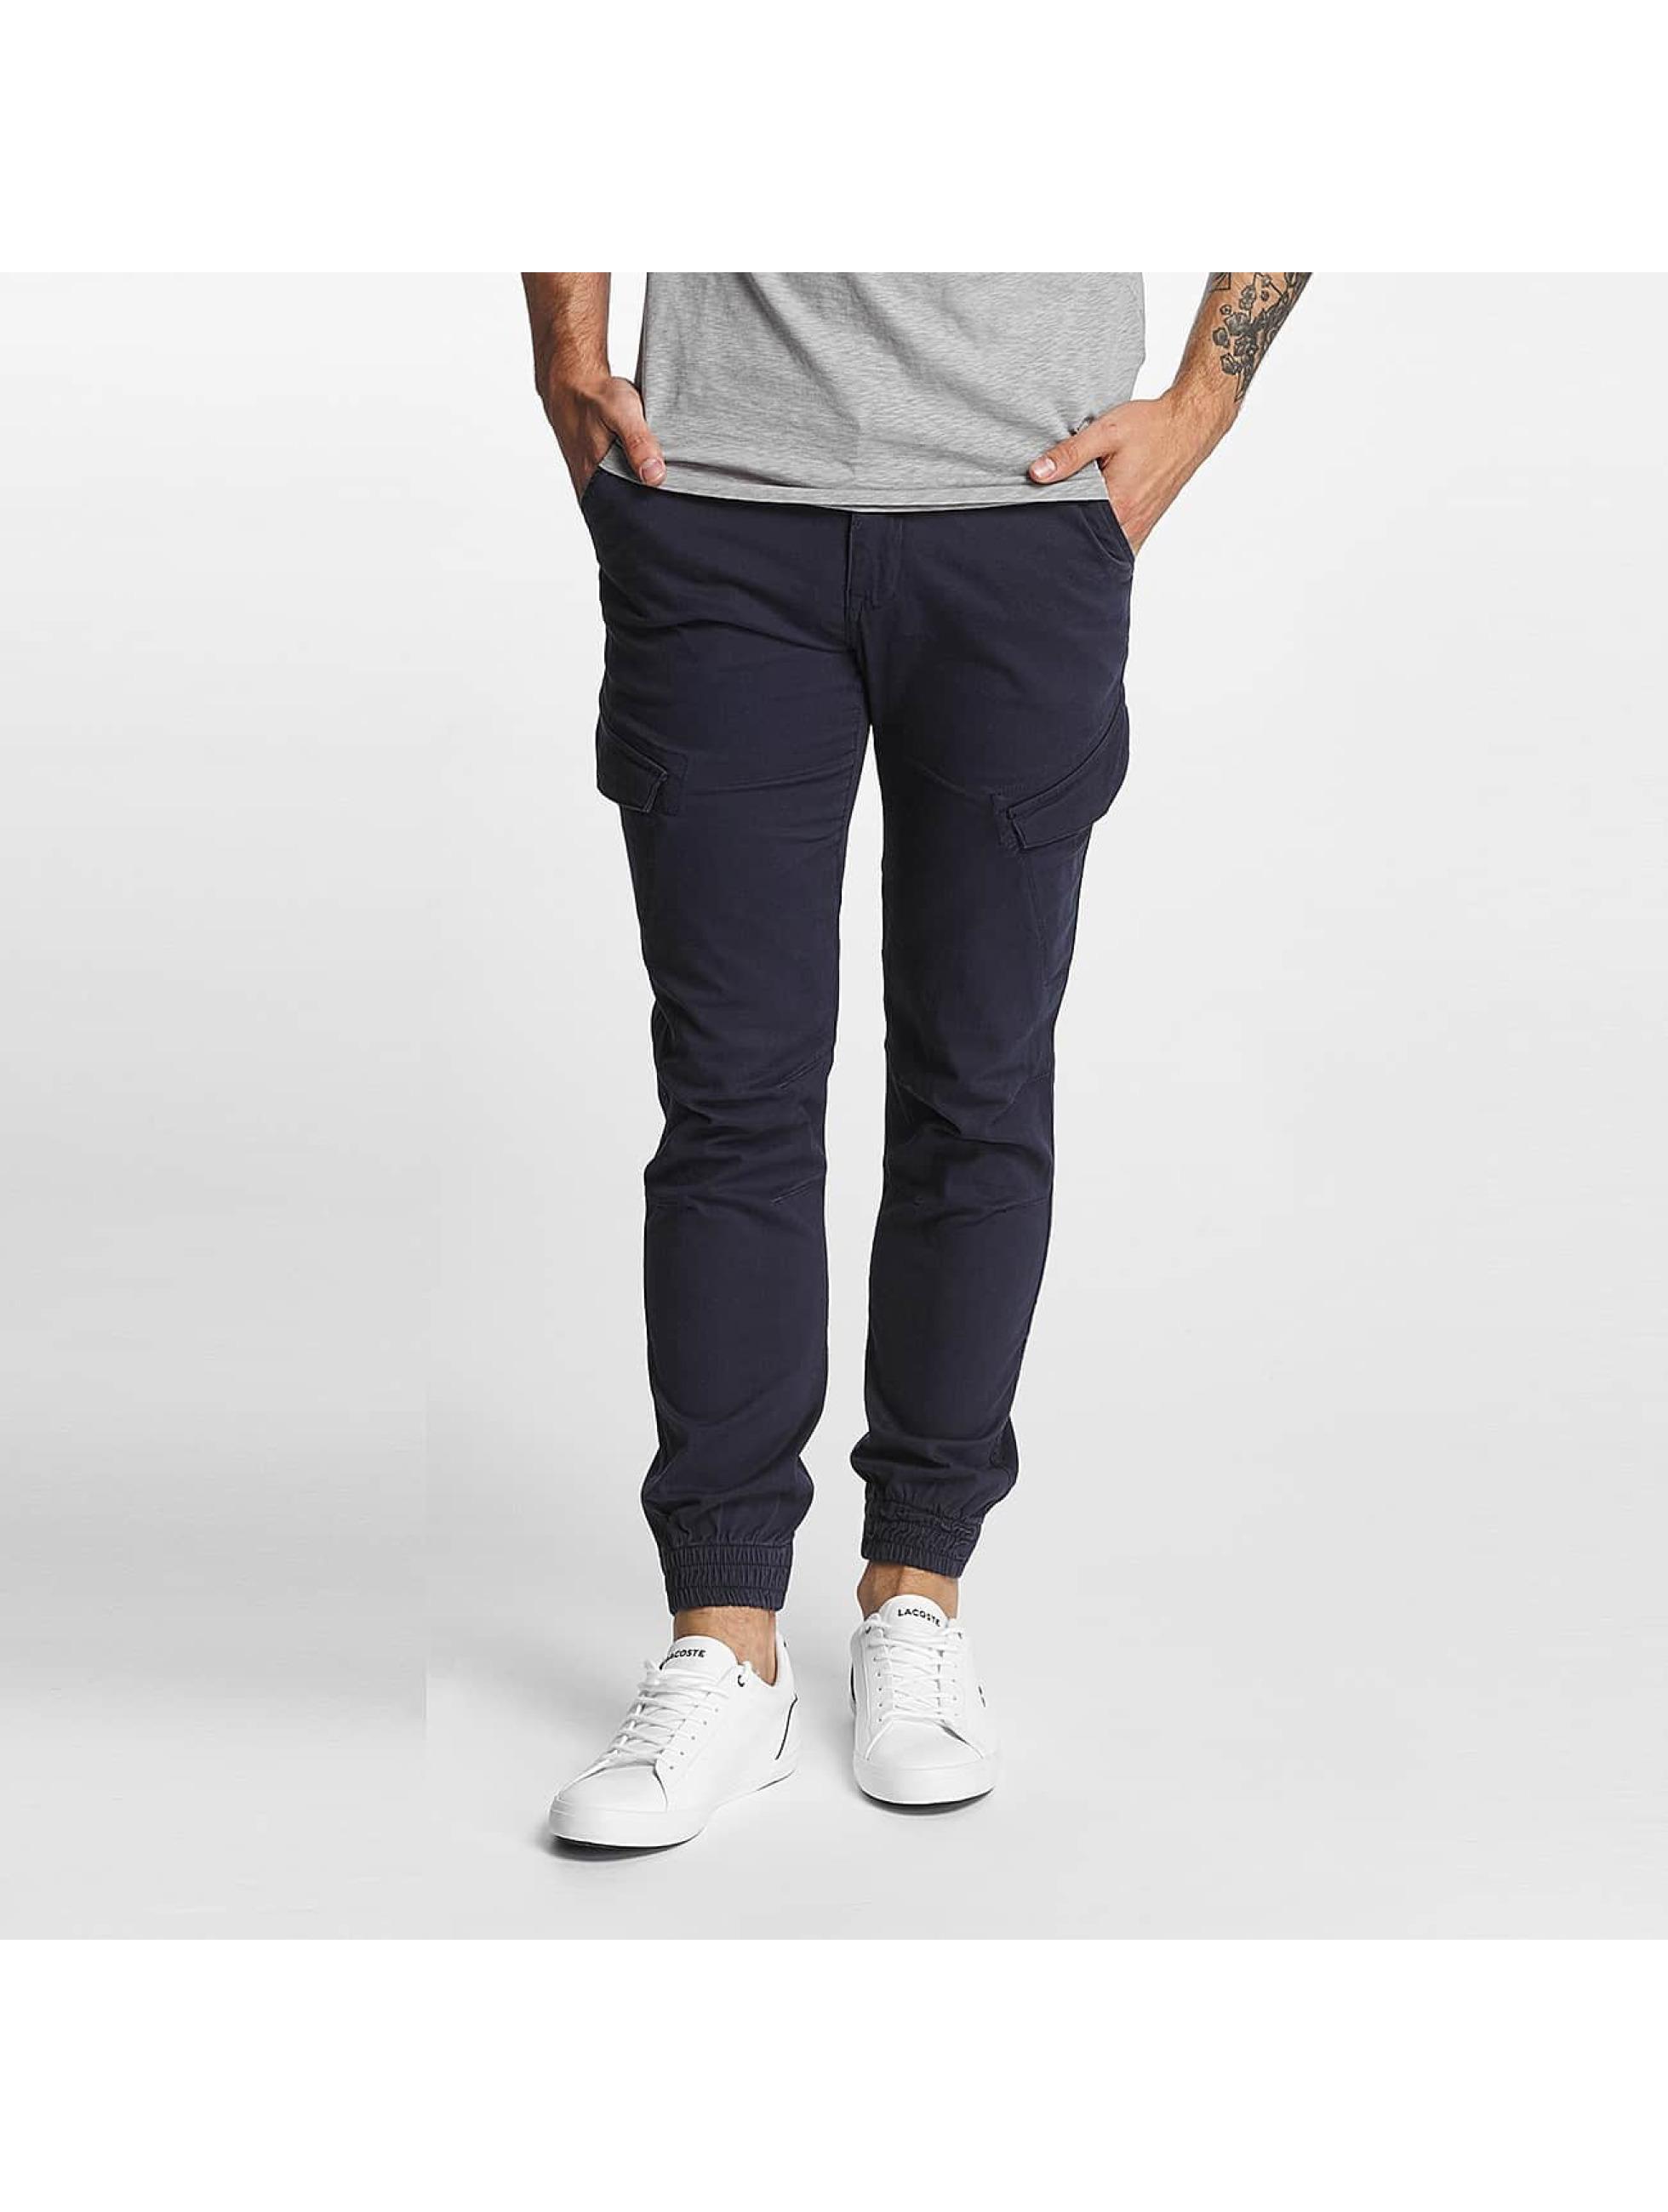 SHINE Original Pantalon cargo Slim bleu